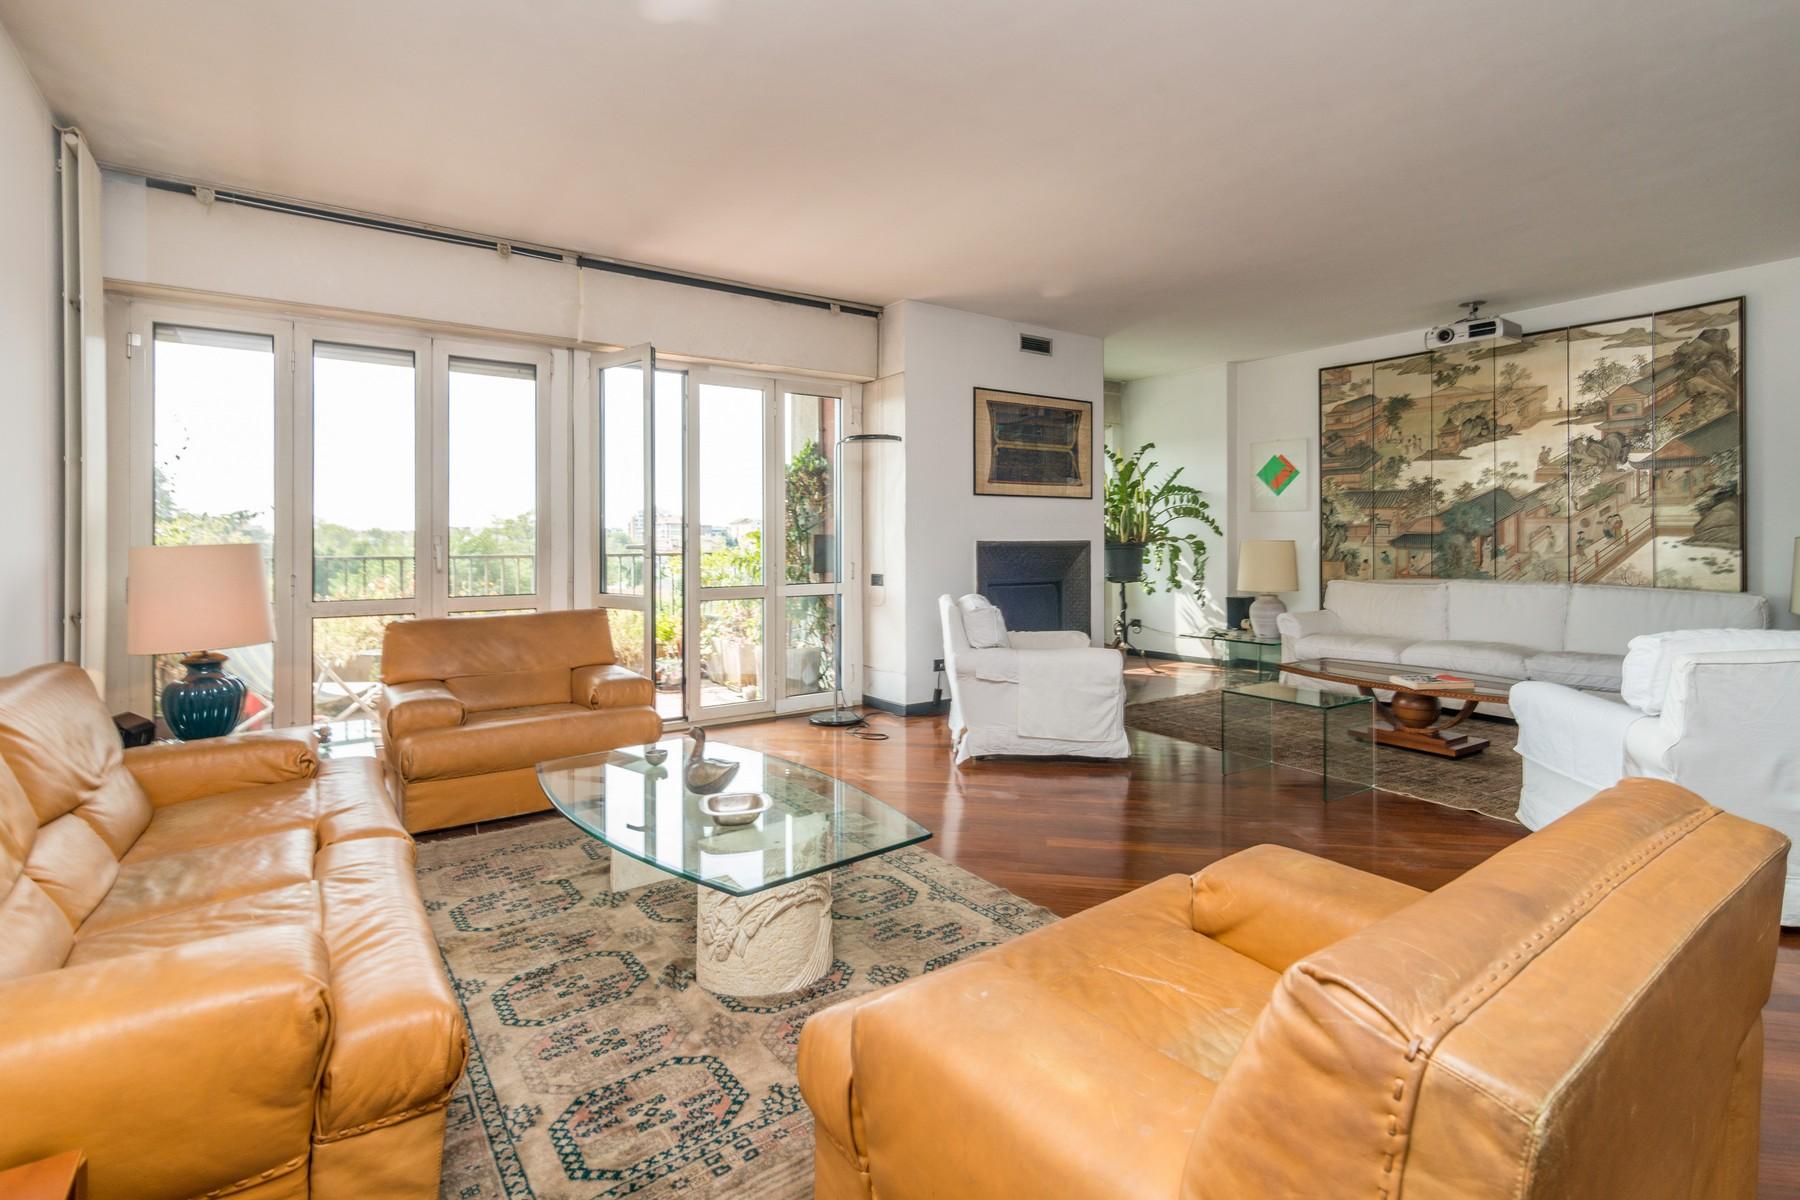 Appartamento di lusso in vendita a milano via angelo carlo for Foto di appartamenti ristrutturati